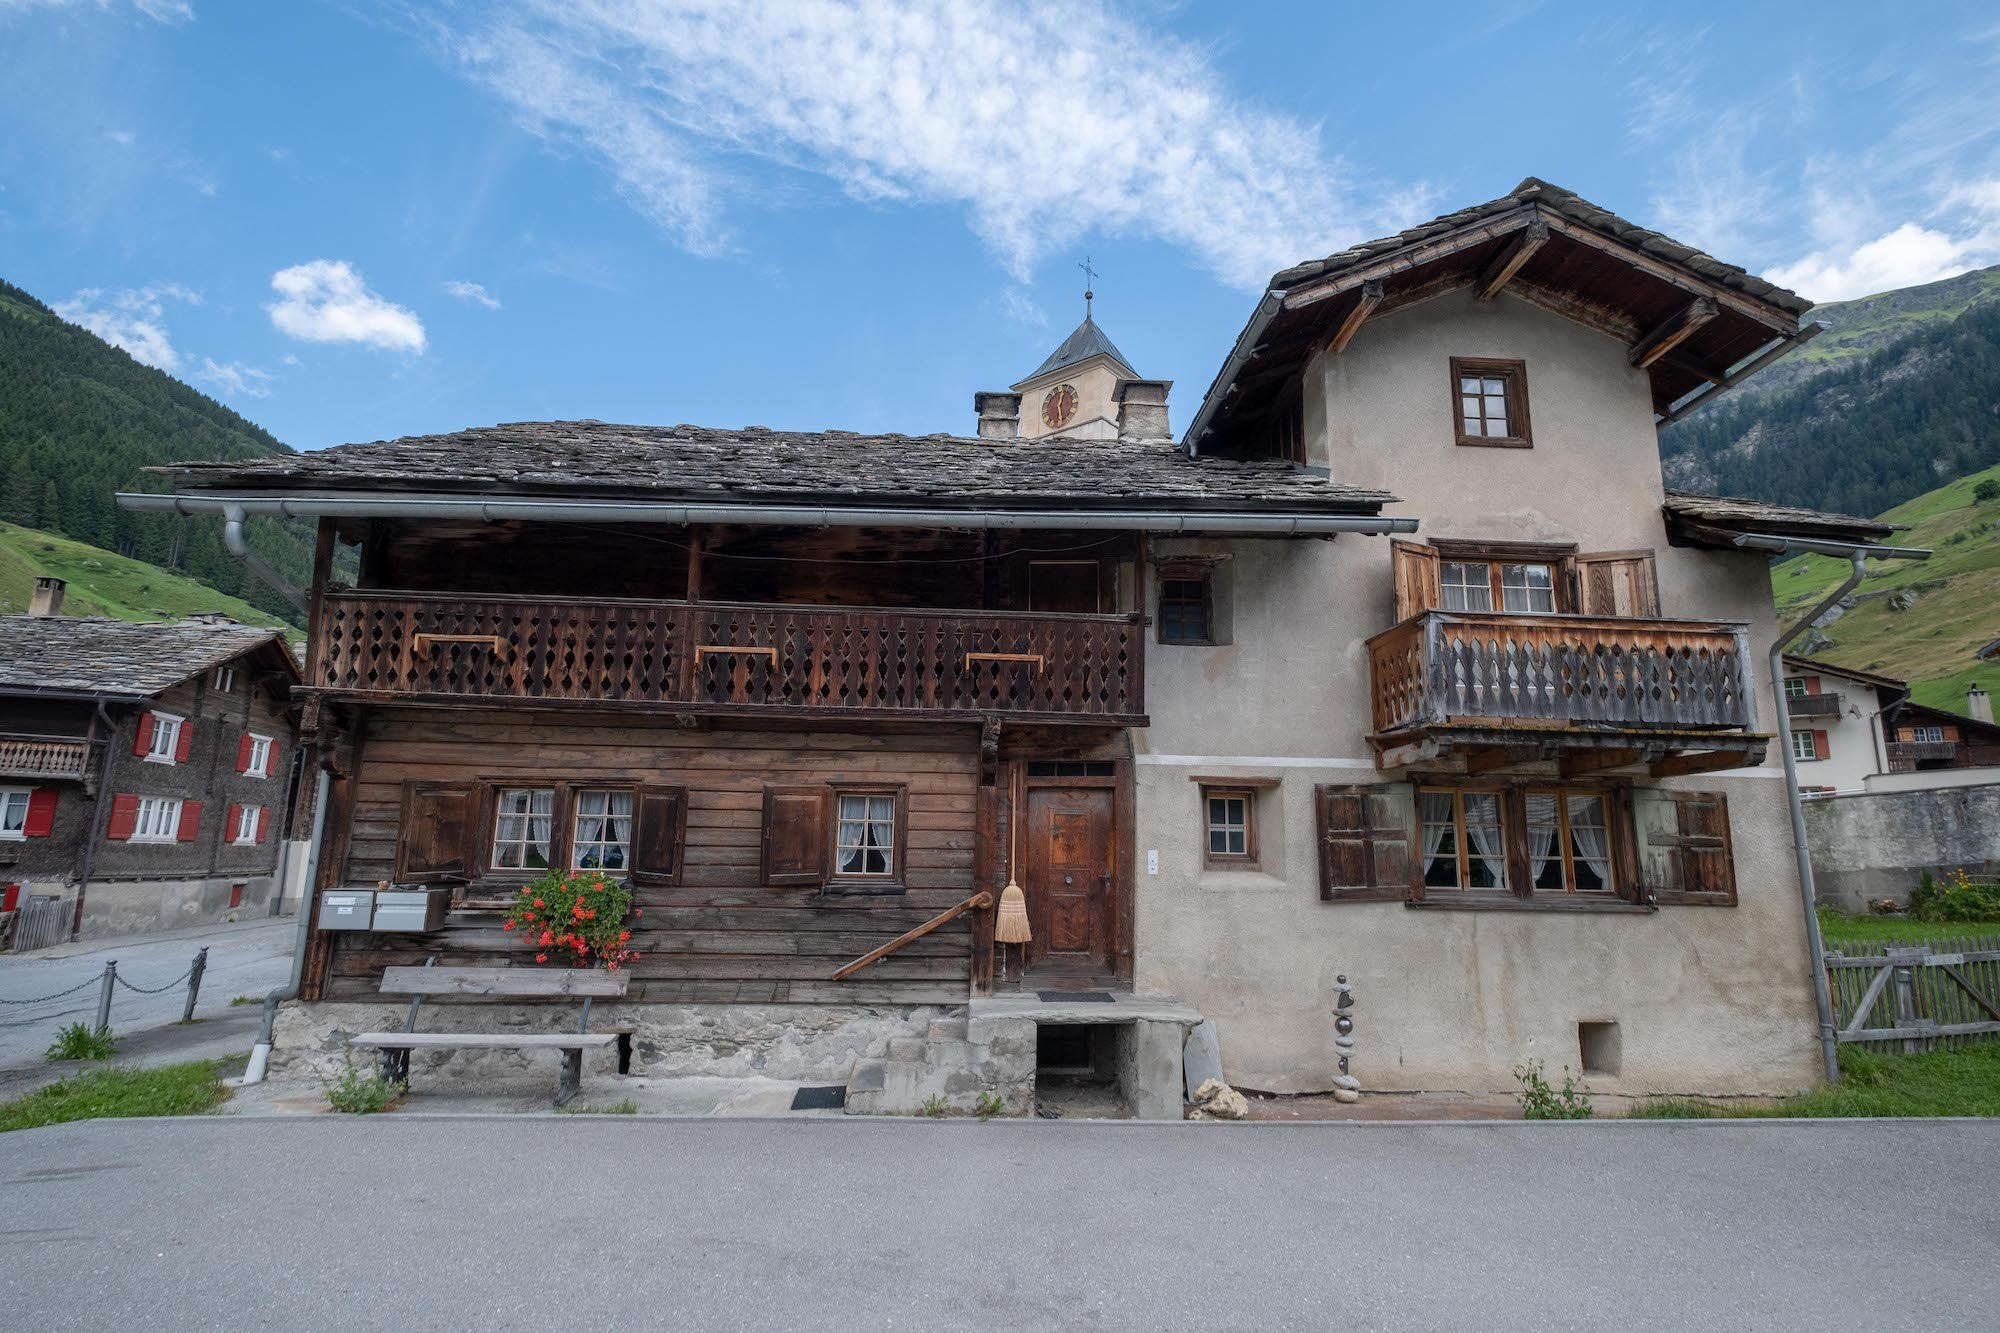 Village of Vals